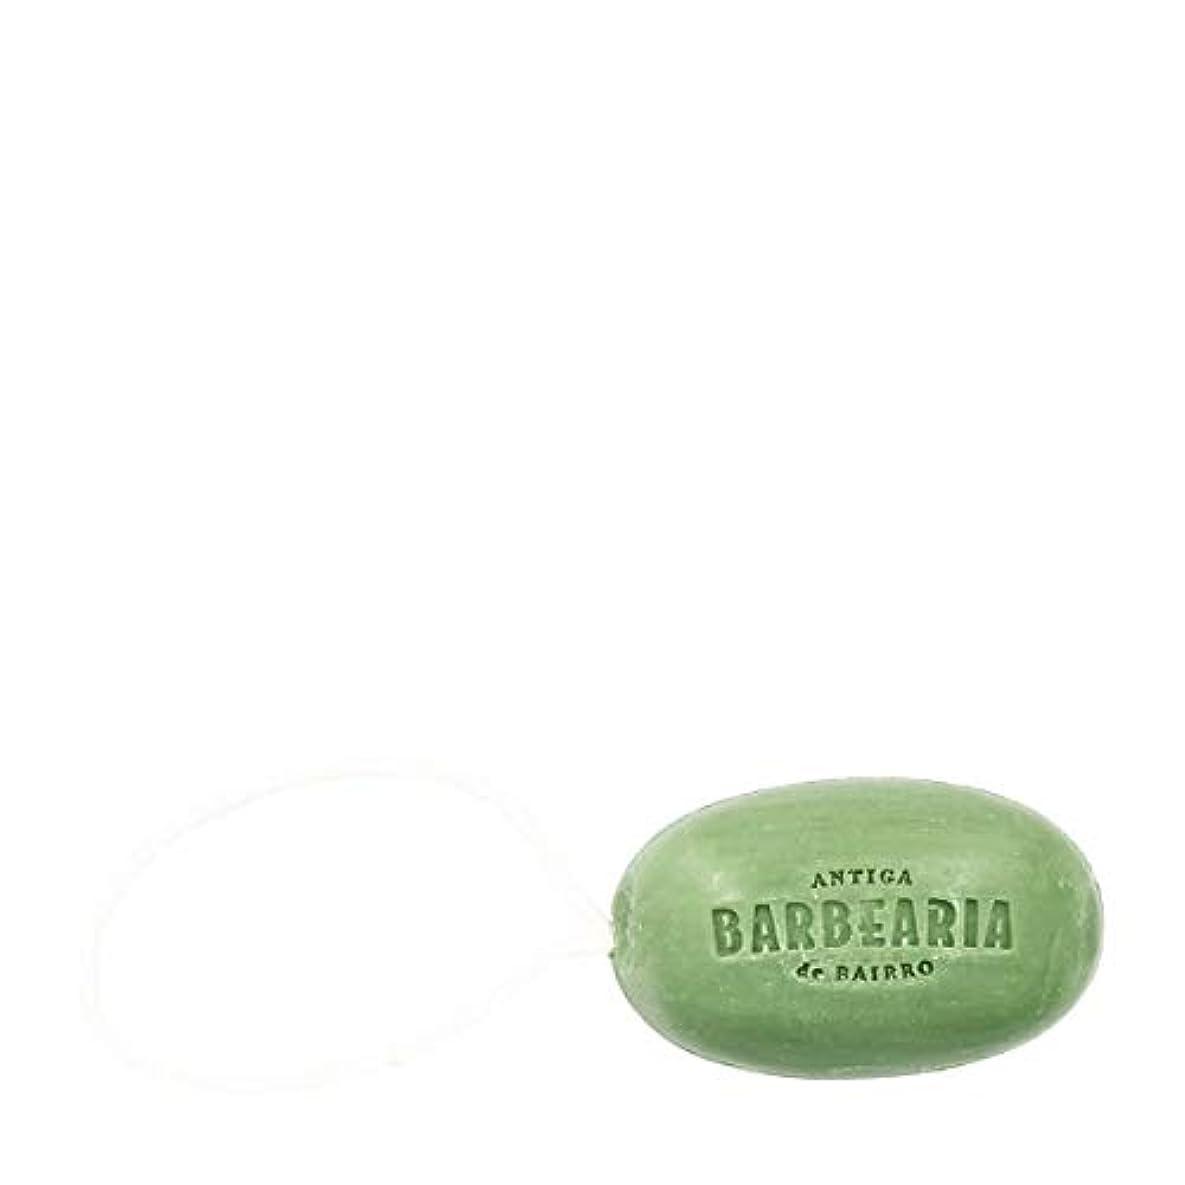 鯨限り意図的アンティガ?バーベリア(Antiga Barbearia de Bairro)プリンシペソープロープ350g[海外直送品] [並行輸入品]